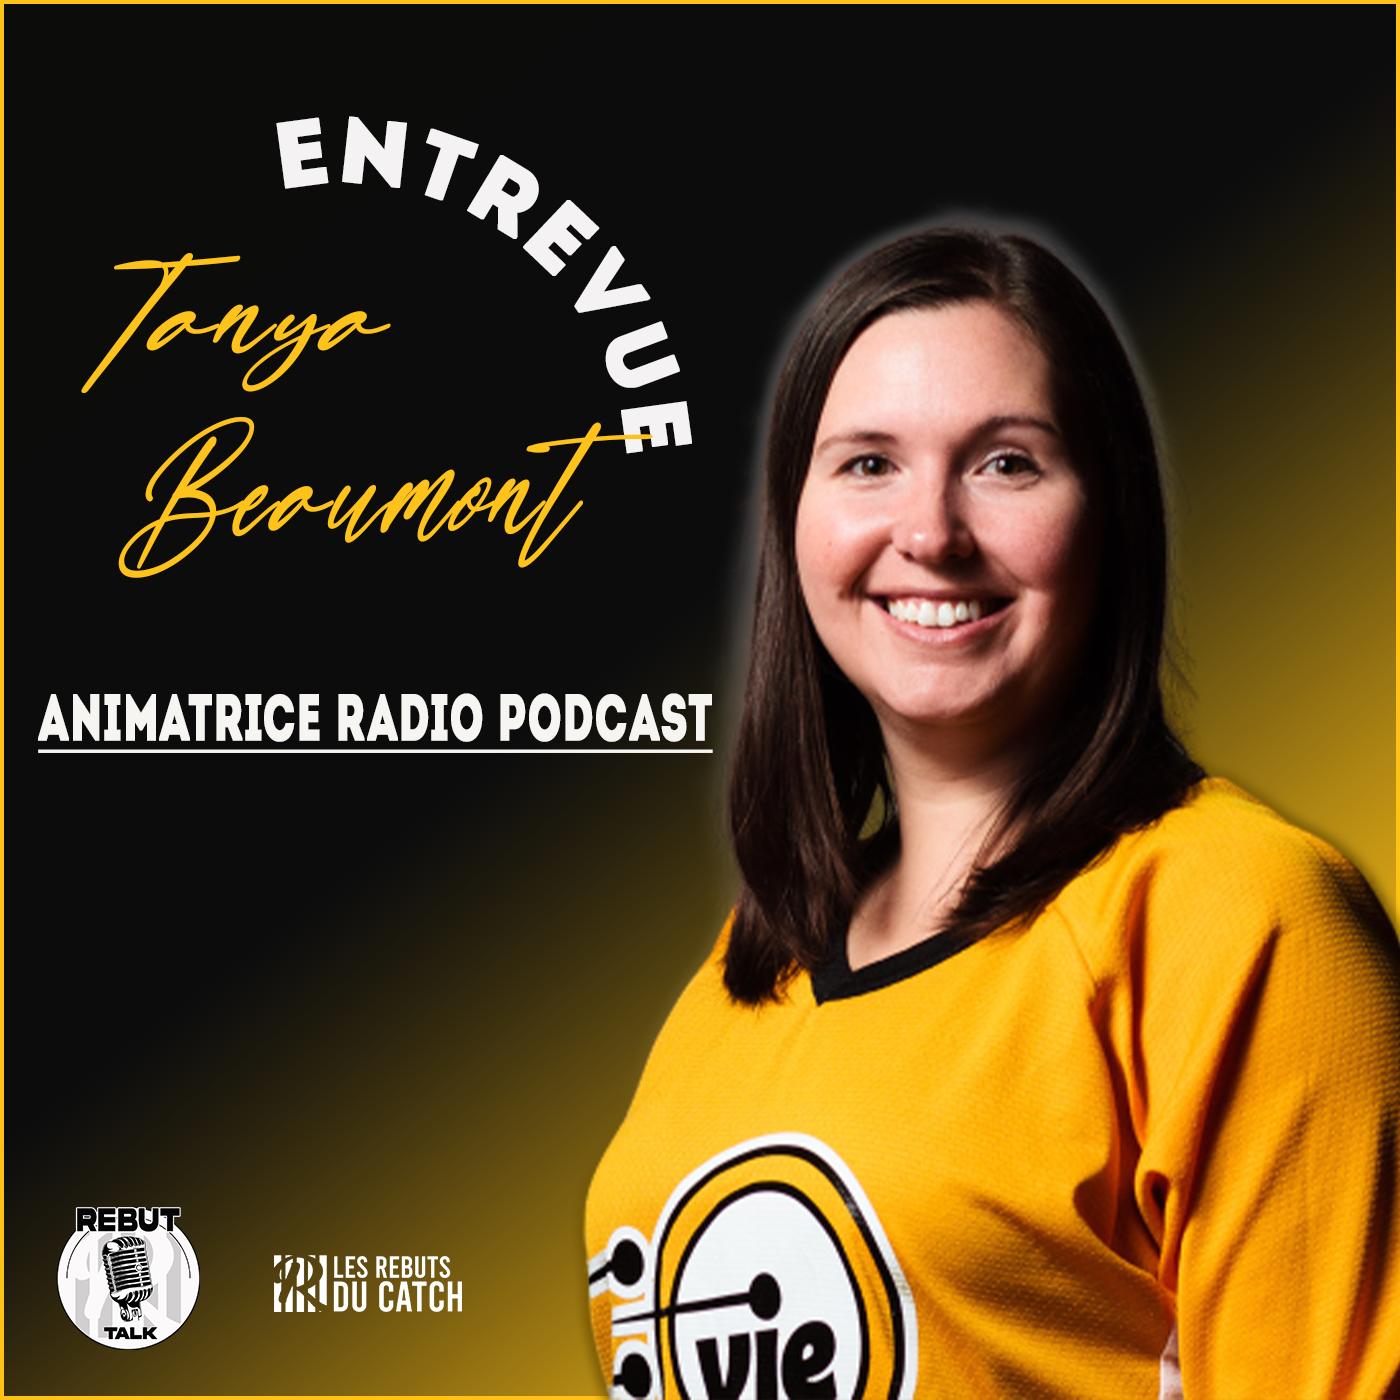 Entrevue avec Tanya Beaumont du Podcast D'la troisième corde.